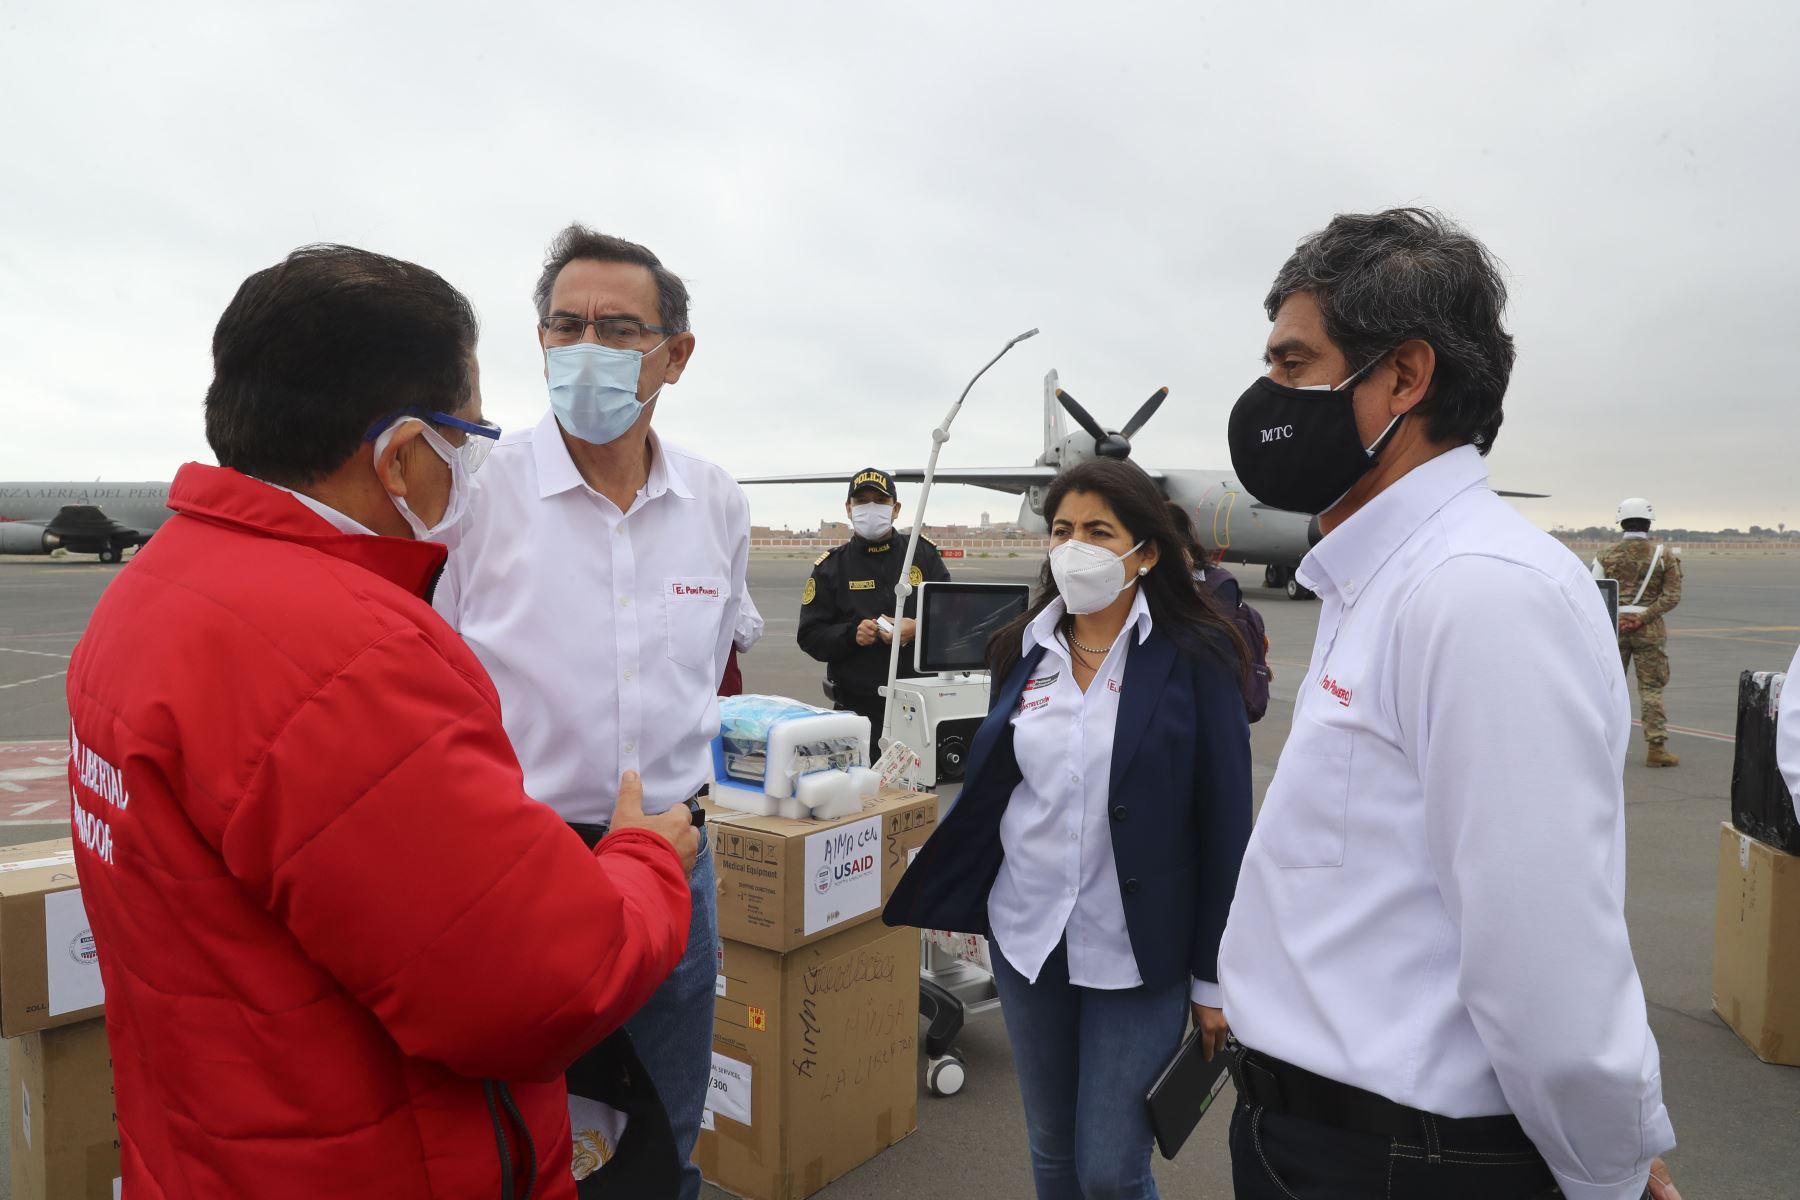 El presidente de la República, Martín Vizcarra, entrega ventiladores mecánicos para pacientes con covid-19 en la región La Libertad . Foto: ANDINA/ Prensa Presidencia